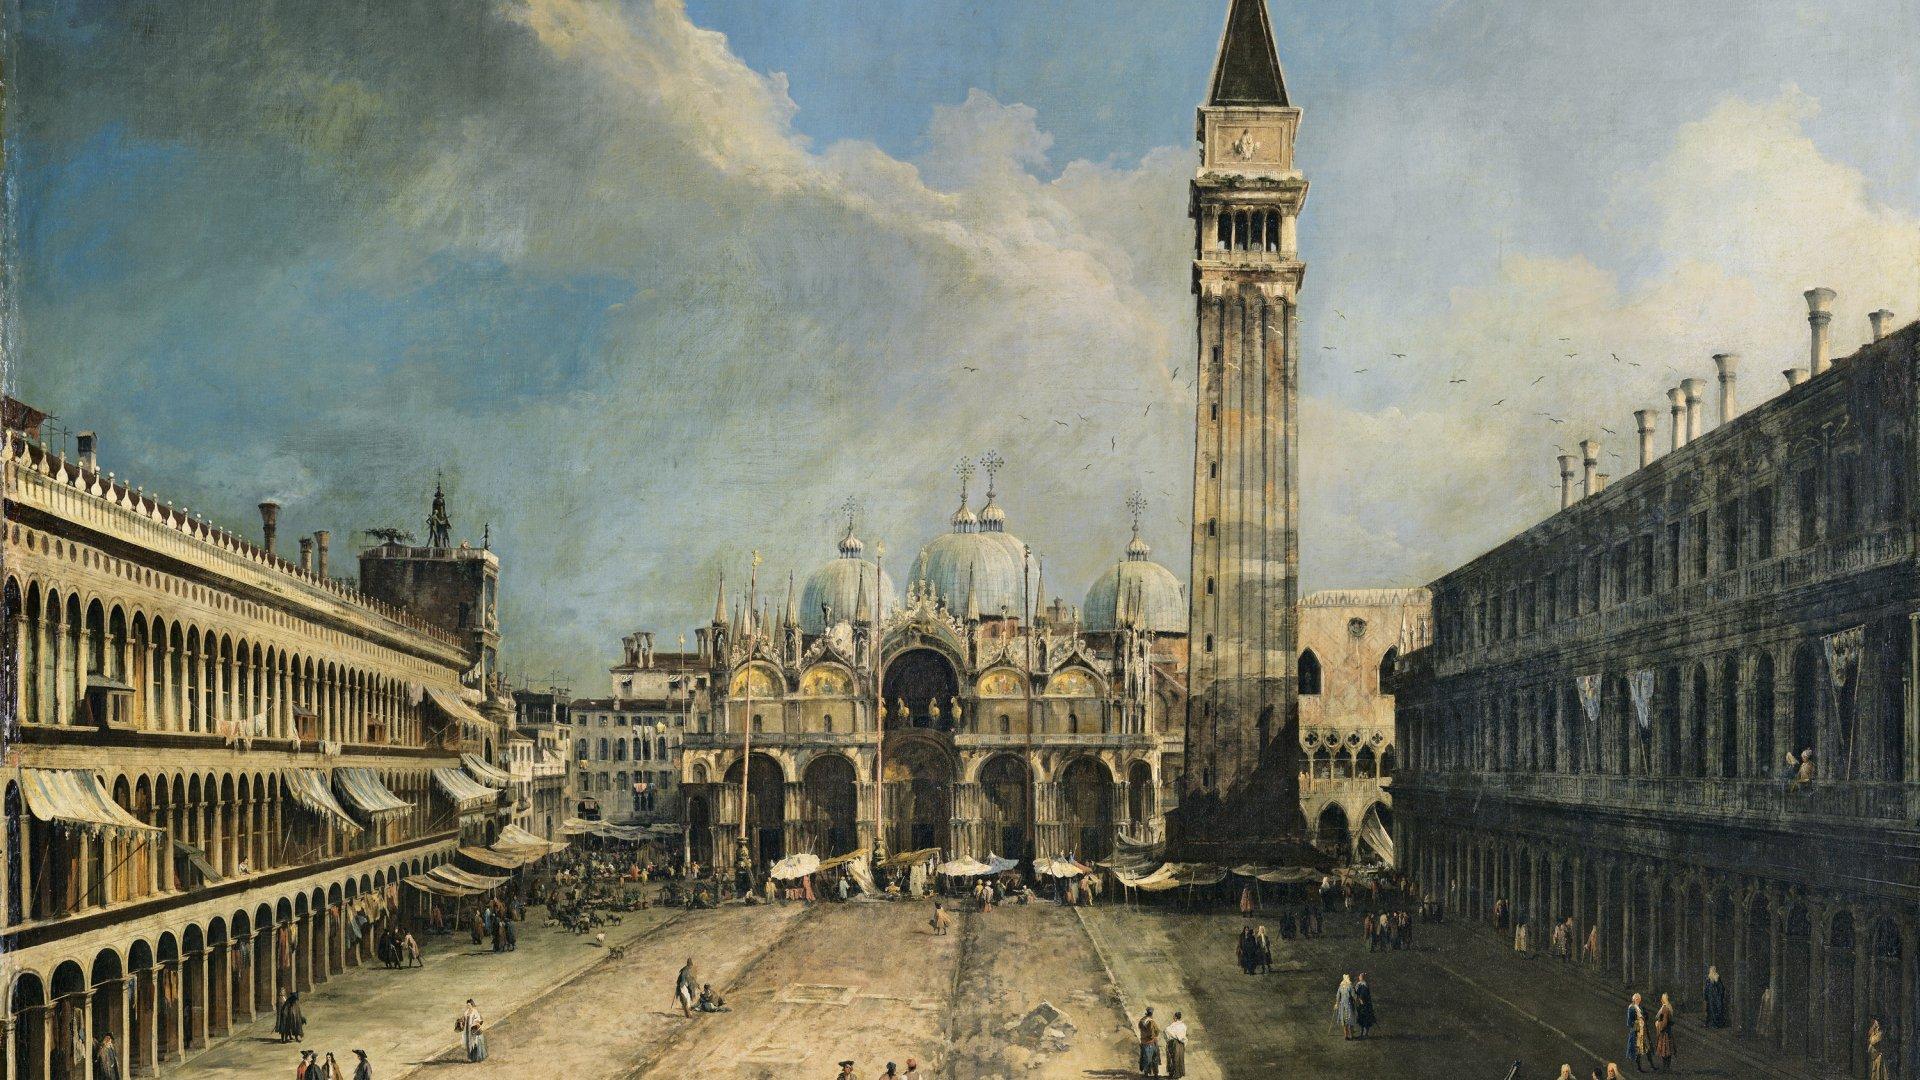 Opiniones sobre la exposición 'Arquitecturas pintadas'